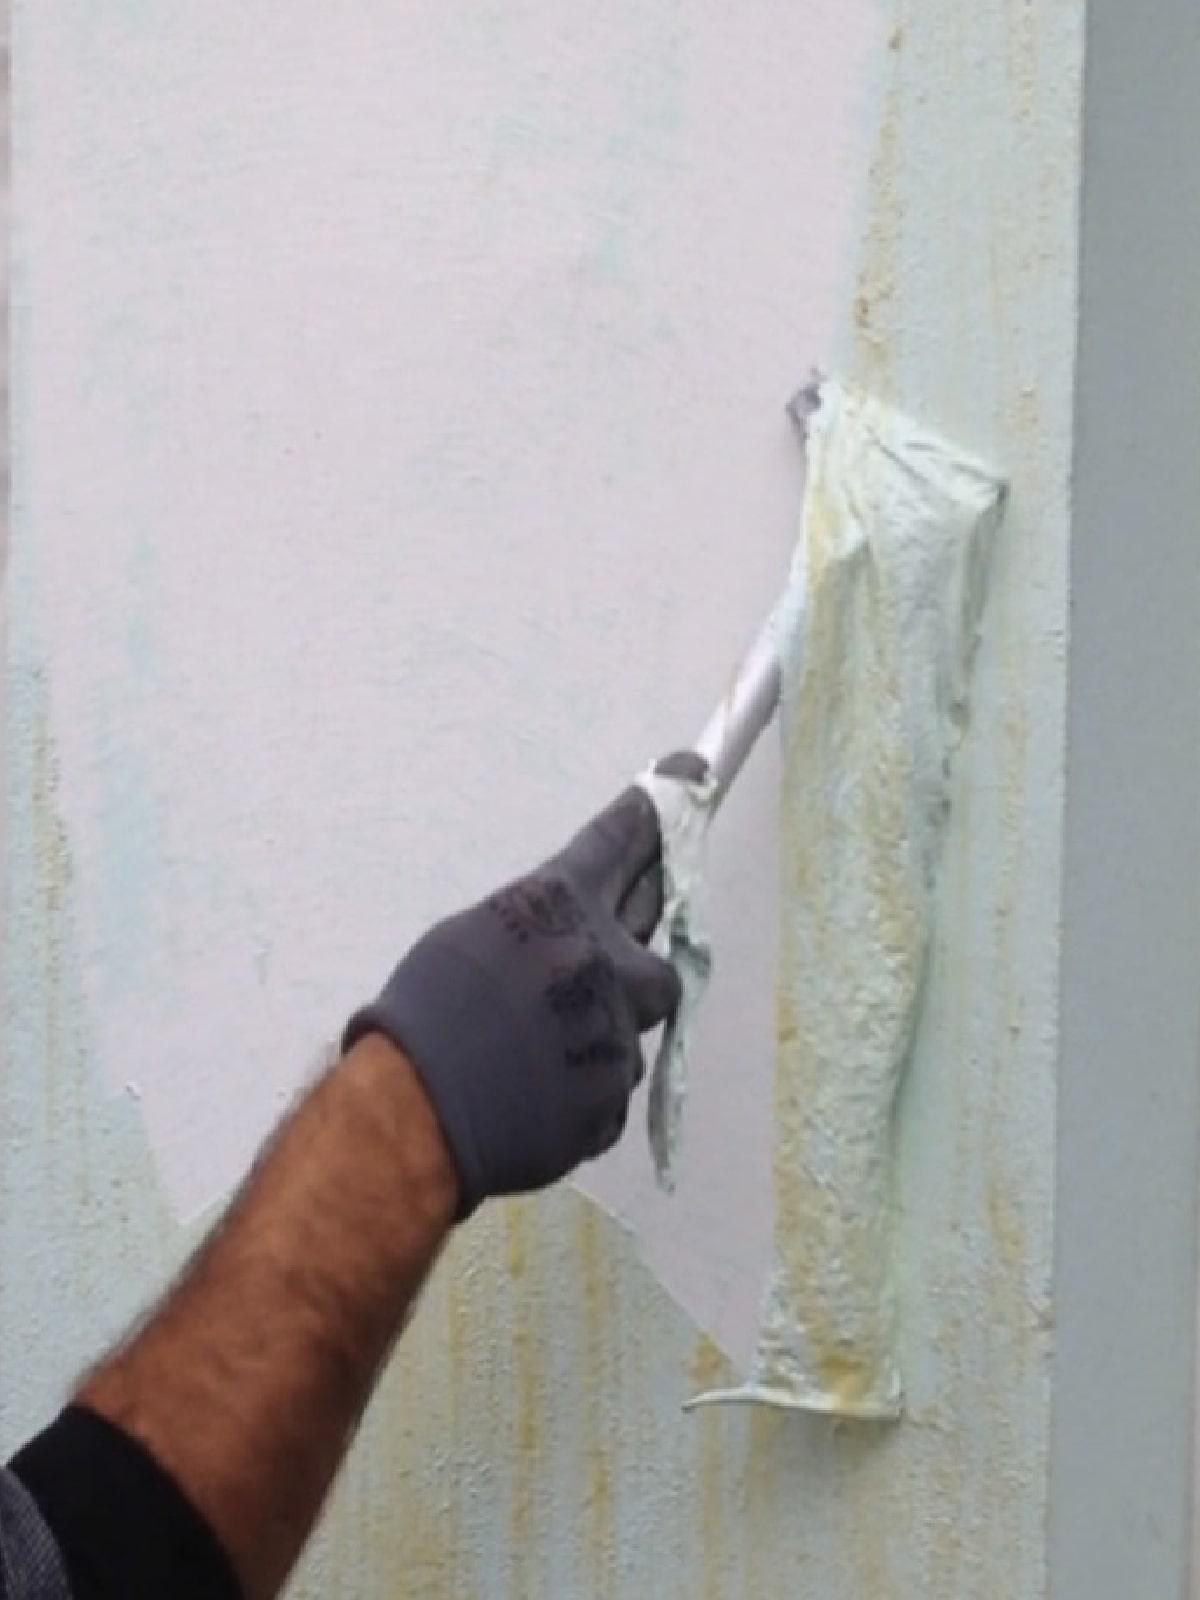 Décapage de la peinture extérieure de façade en cours